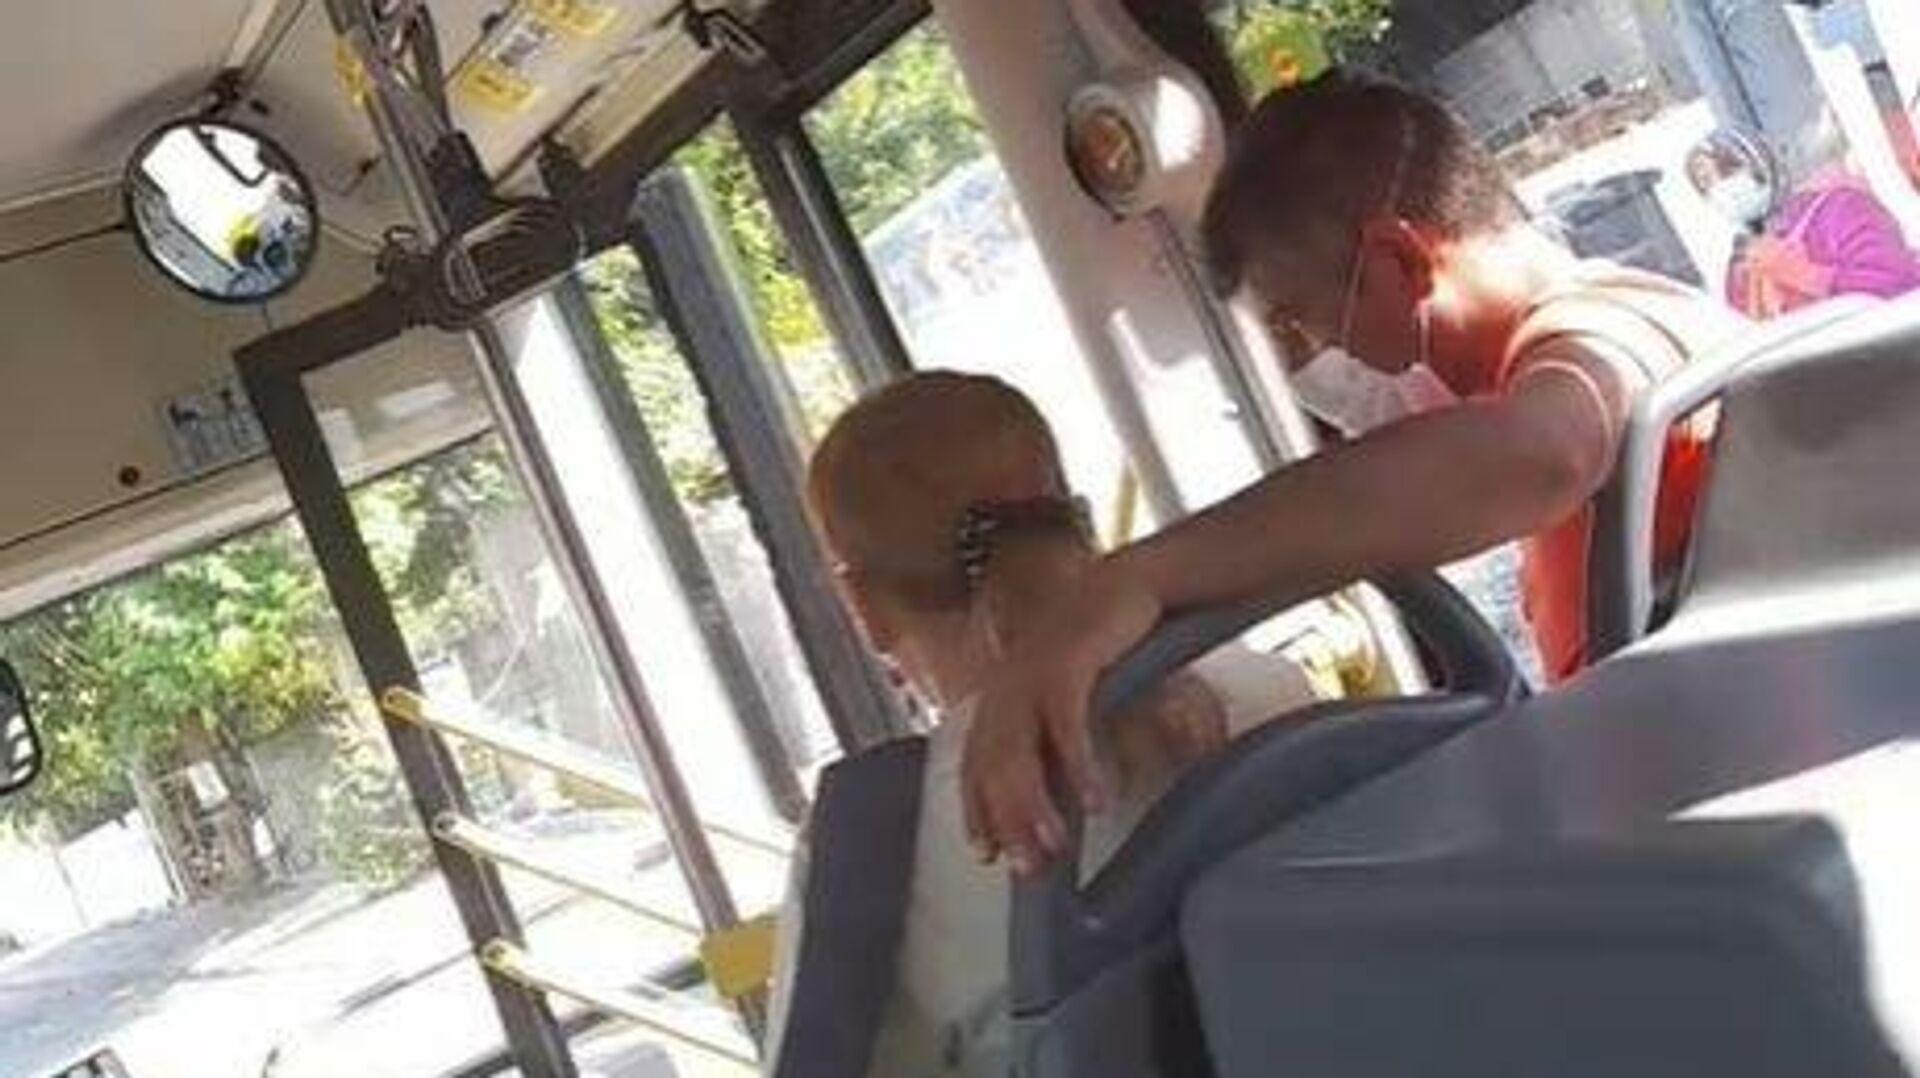 Antalya'da halk otobüsü içerisinde maske takmayı reddeden kadın adeta ortalığı birbirine kattı. Kendisinden maske takmasını isteyen otobüs şoförüne hakaretler yağdıran kadın, büyük tepki topladı. - Sputnik Türkiye, 1920, 23.08.2021